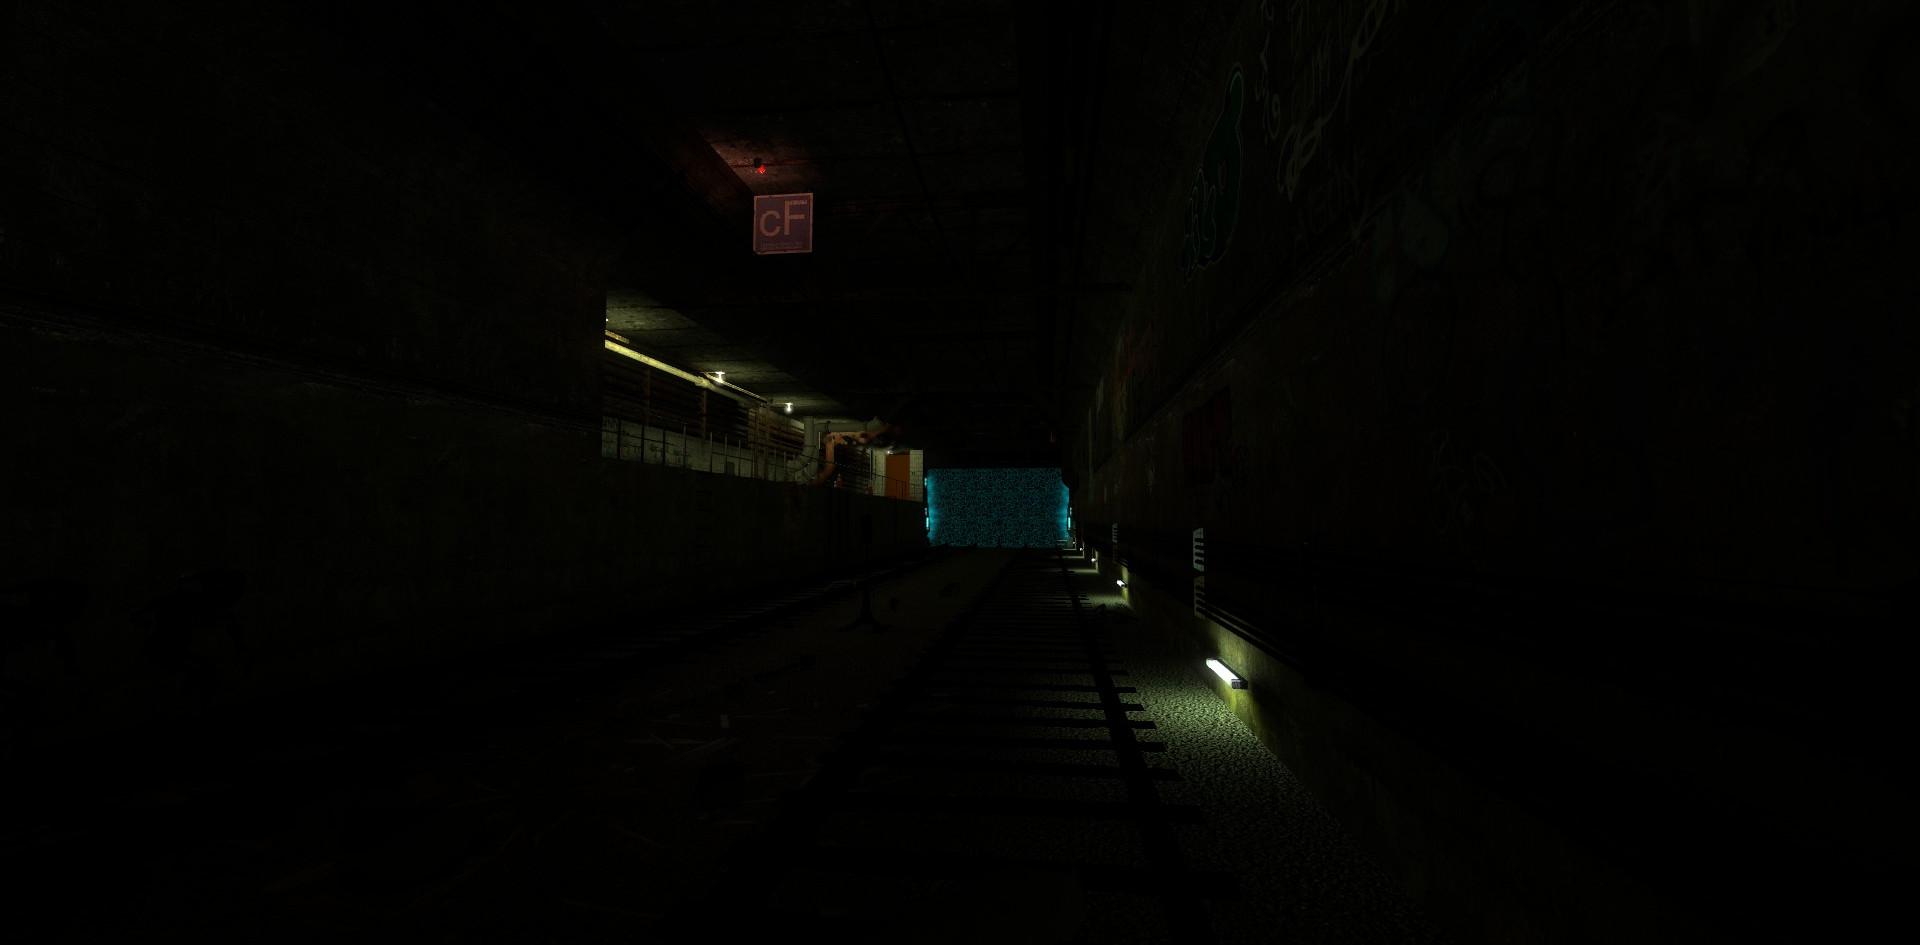 Alpha_Canals_02.jpg